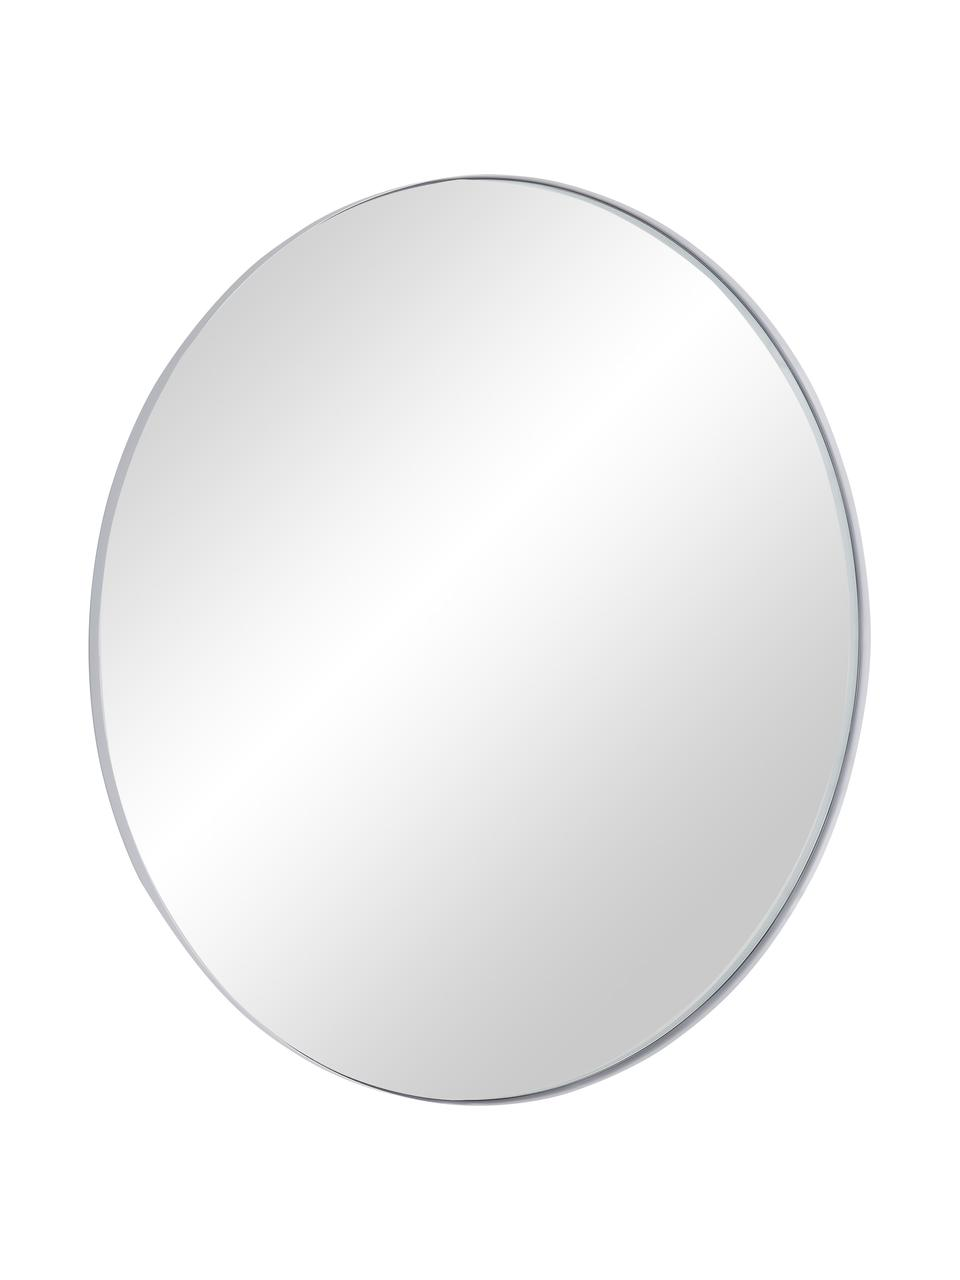 Runder Wandspiegel Ivy mit weißem Rahmen, Rahmen: Metall, pulverbeschichtet, Spiegelfläche: Spiegelglas, Rückseite: Mitteldichte Holzfaserpla, Weiß, Ø 100 cm